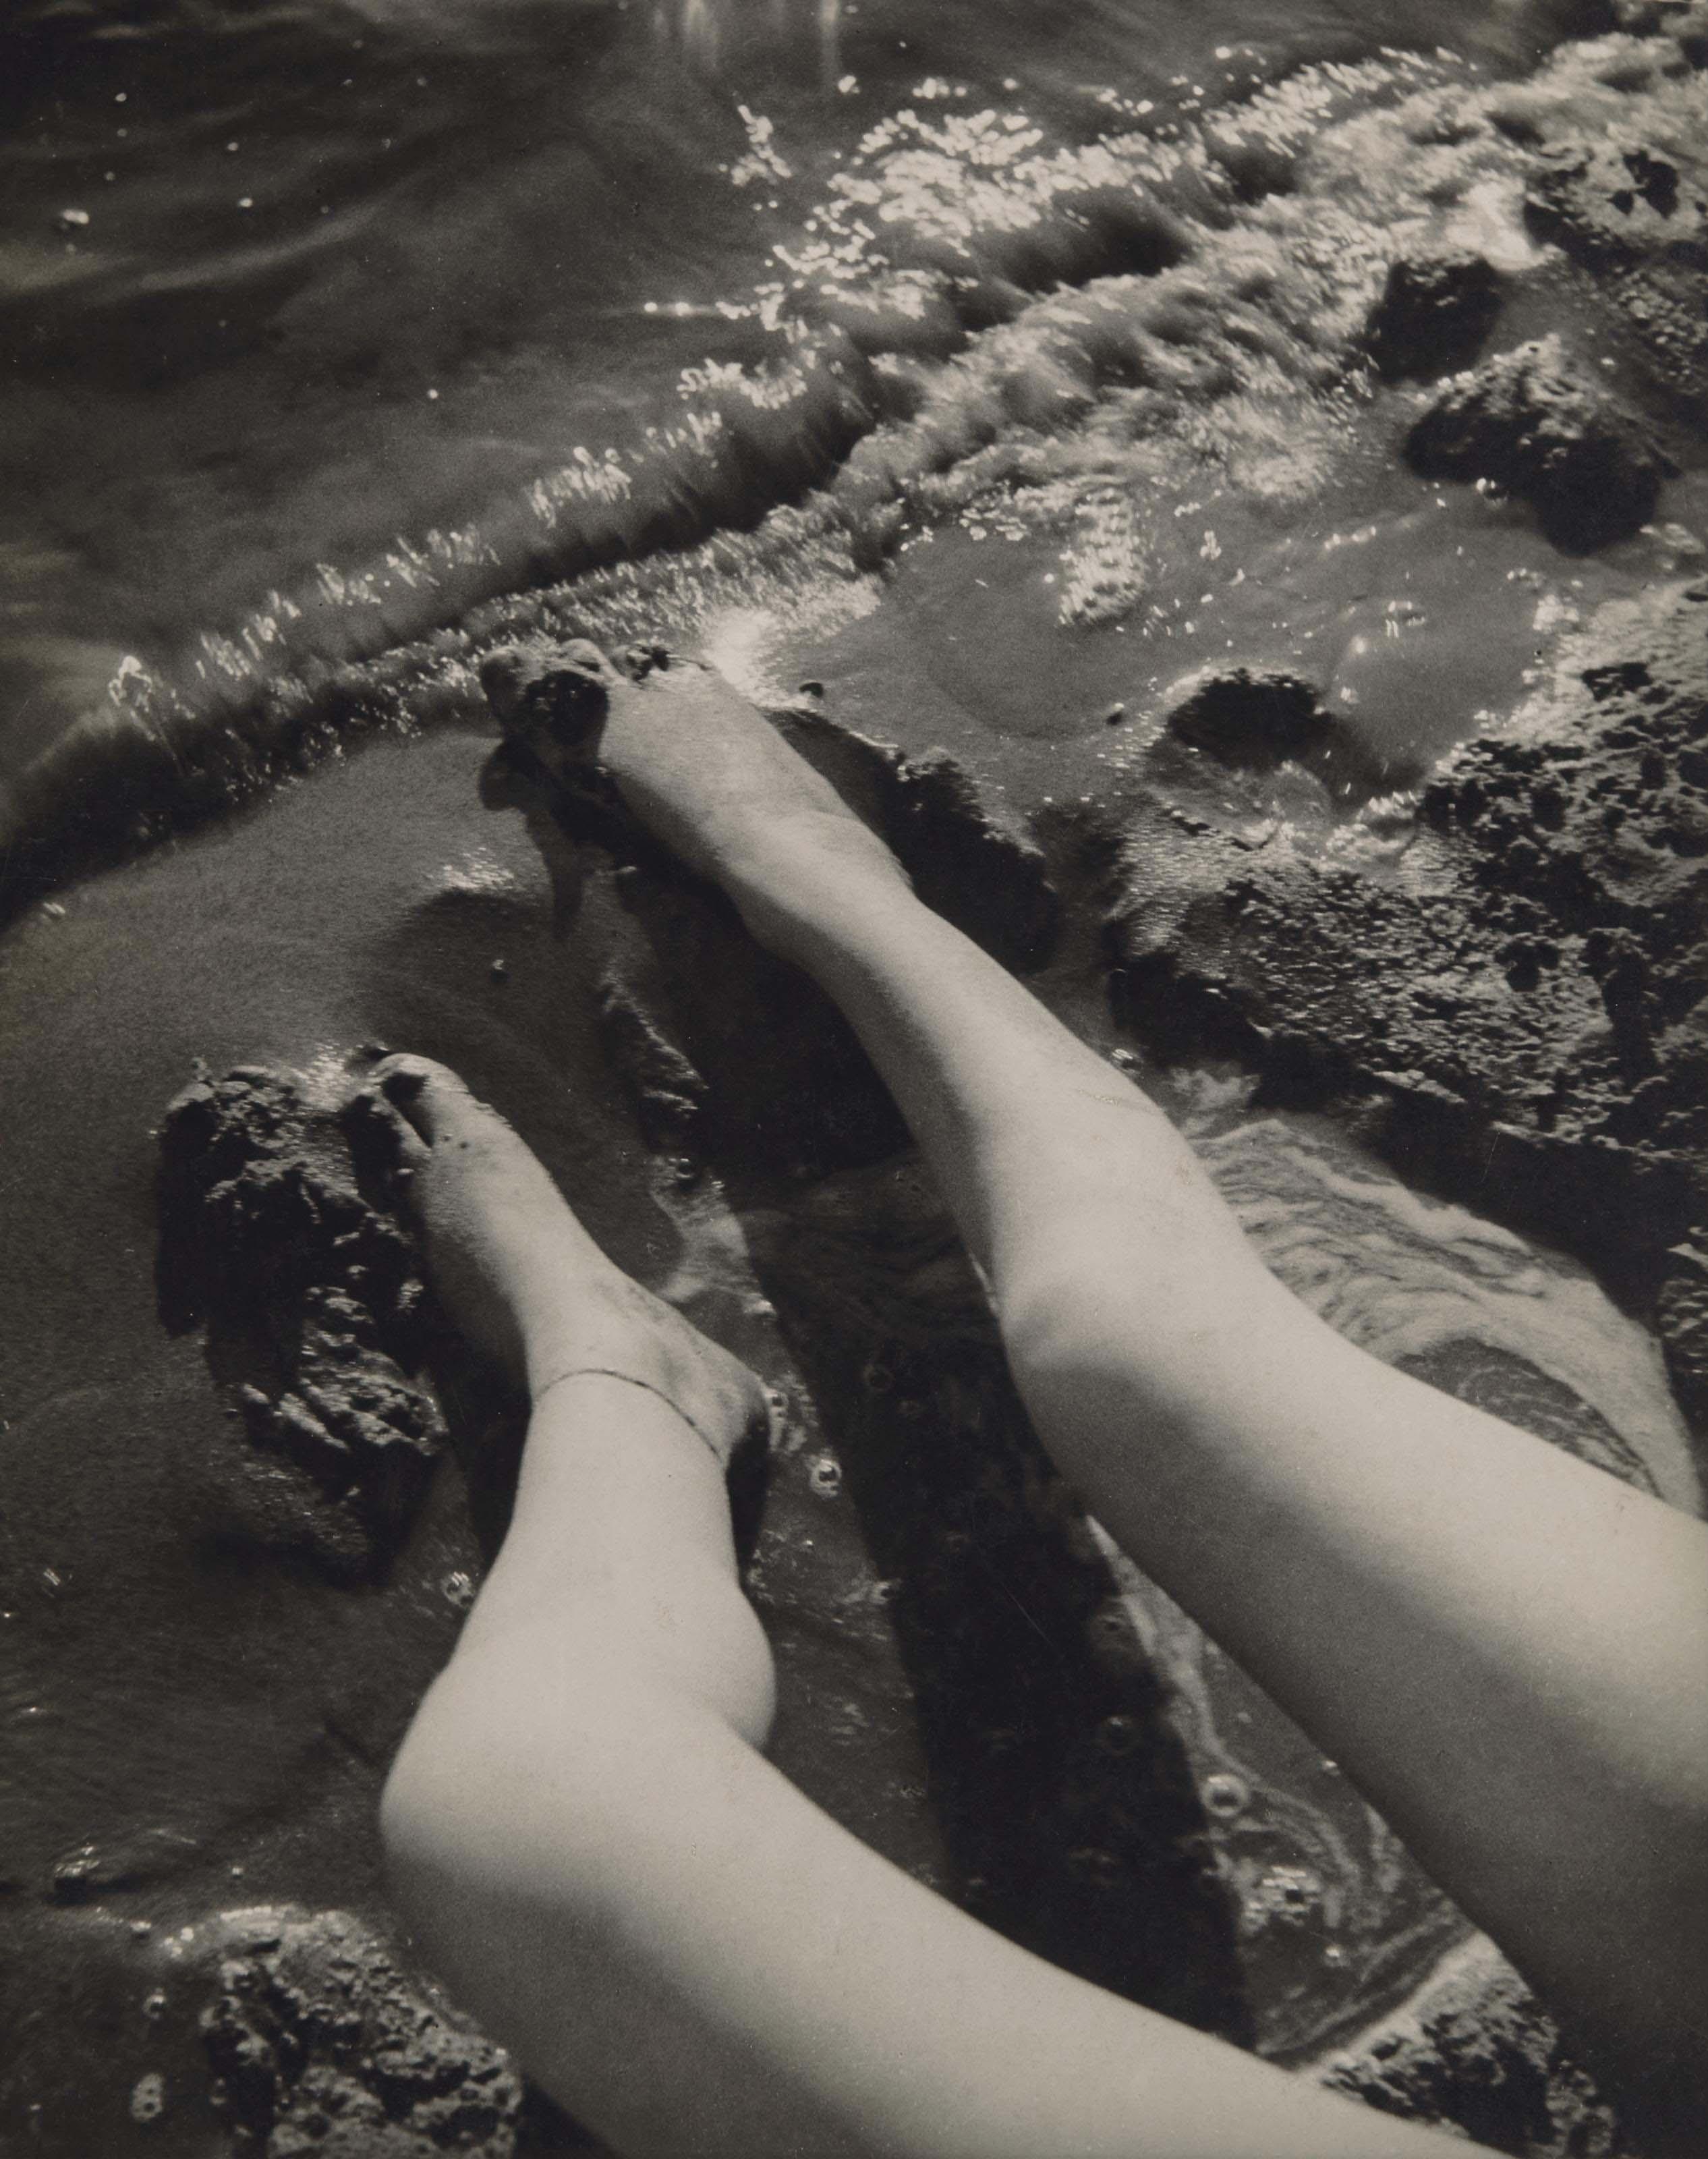 Côte d'Azur, 1933